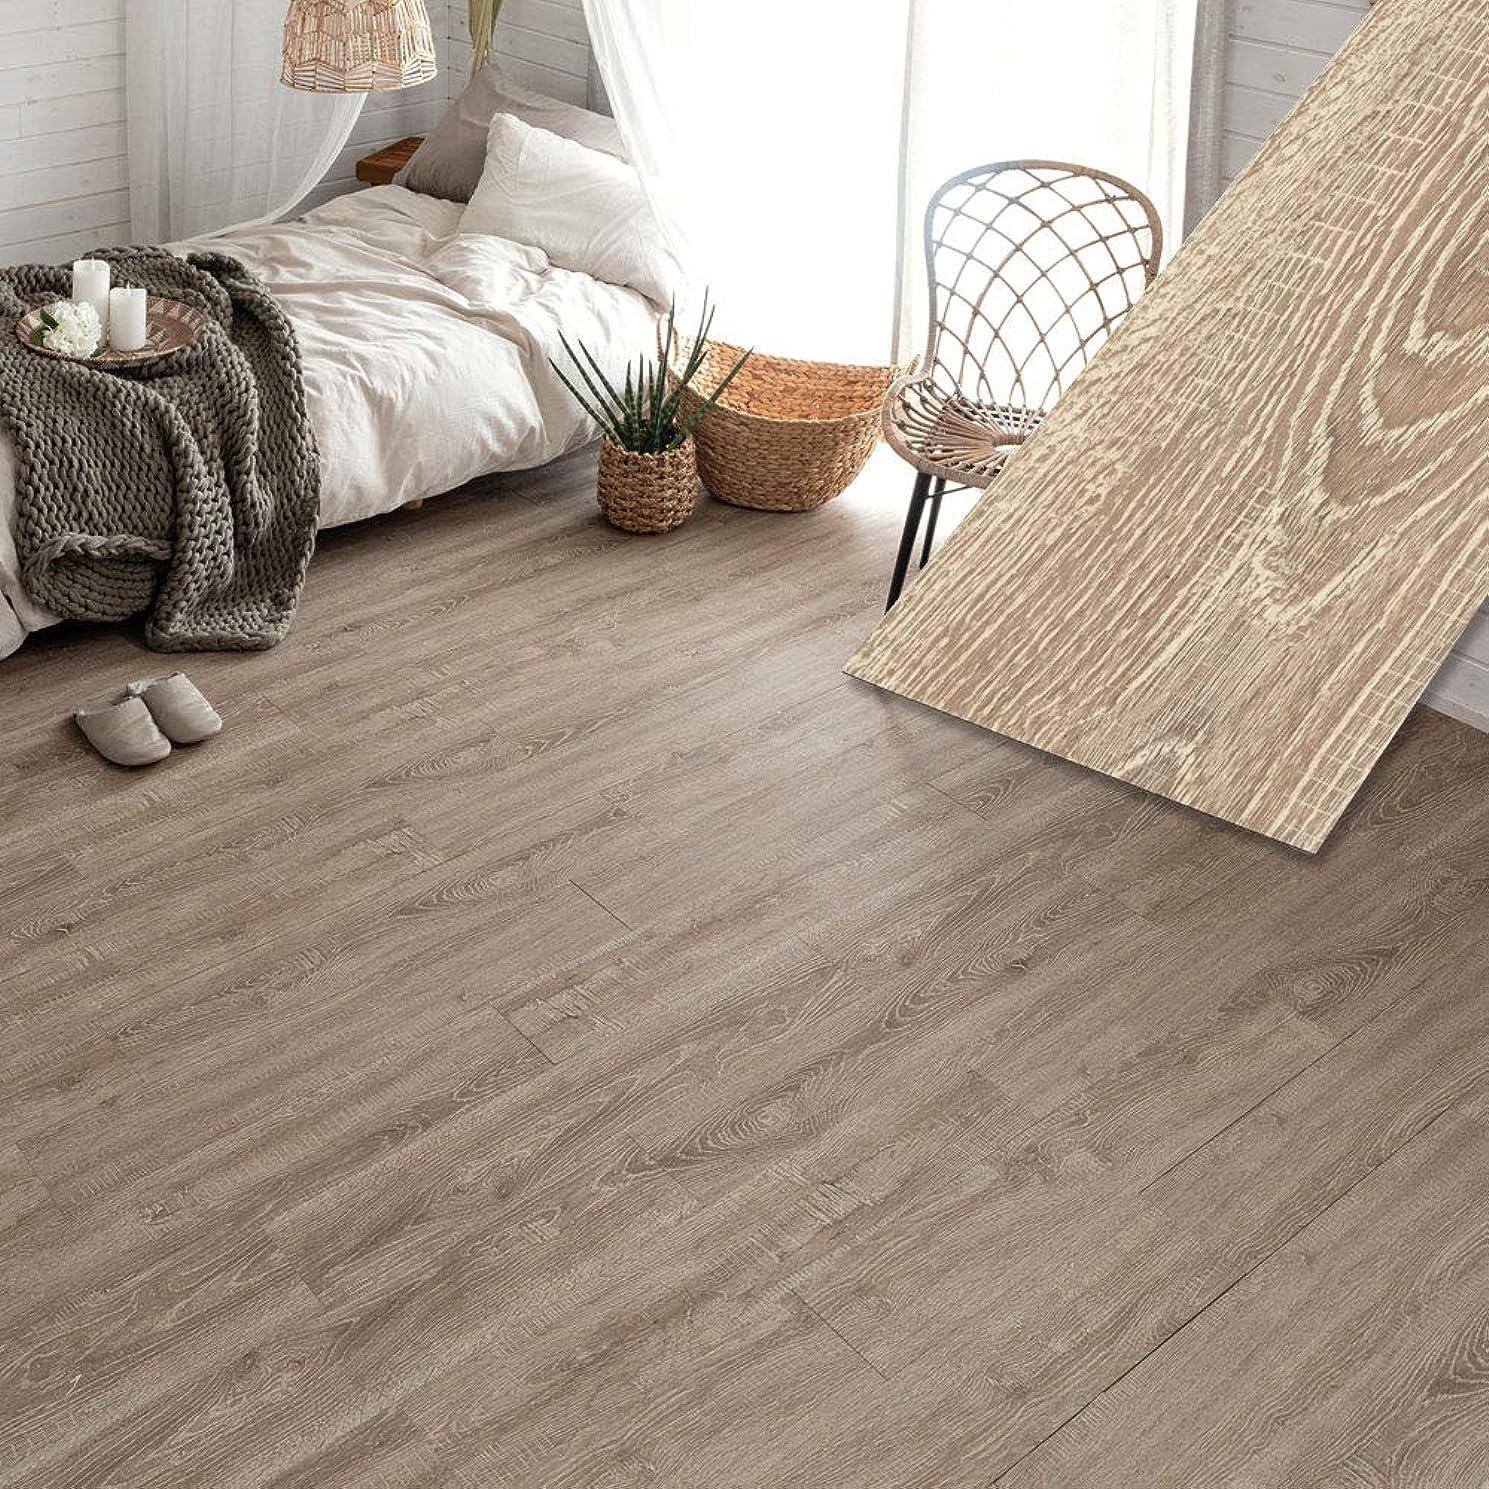 個人大西洋ジョリーフロアタイル 貼るだけ フローリングタイル [36枚セット/ヘーゼルオーク] 約3畳分 古材風 木目調 接着剤付き DIY 床材 簡単 フロアーマット